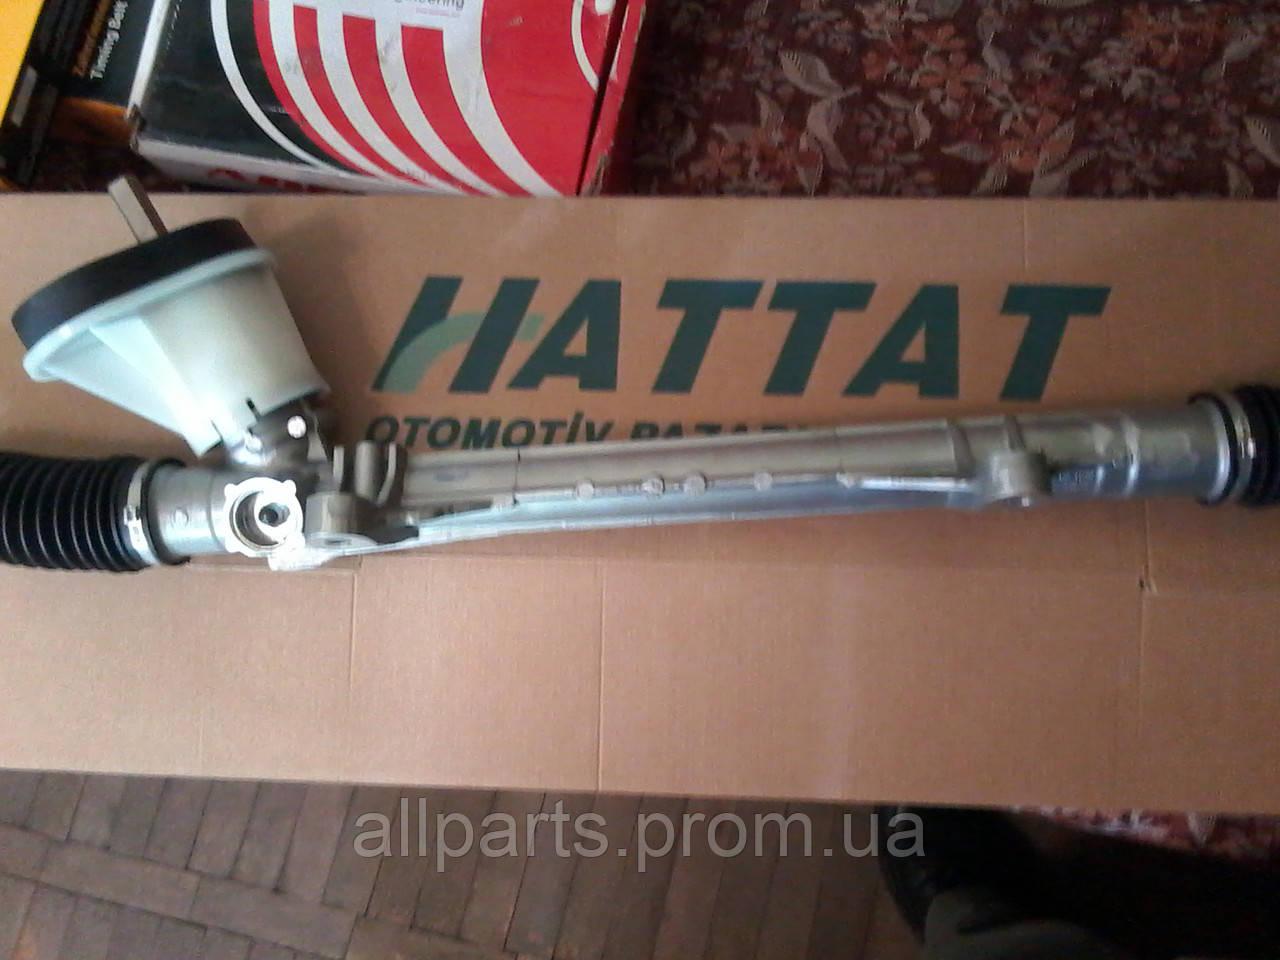 Рулевая рейка HATTAT (страна производитель Турция)